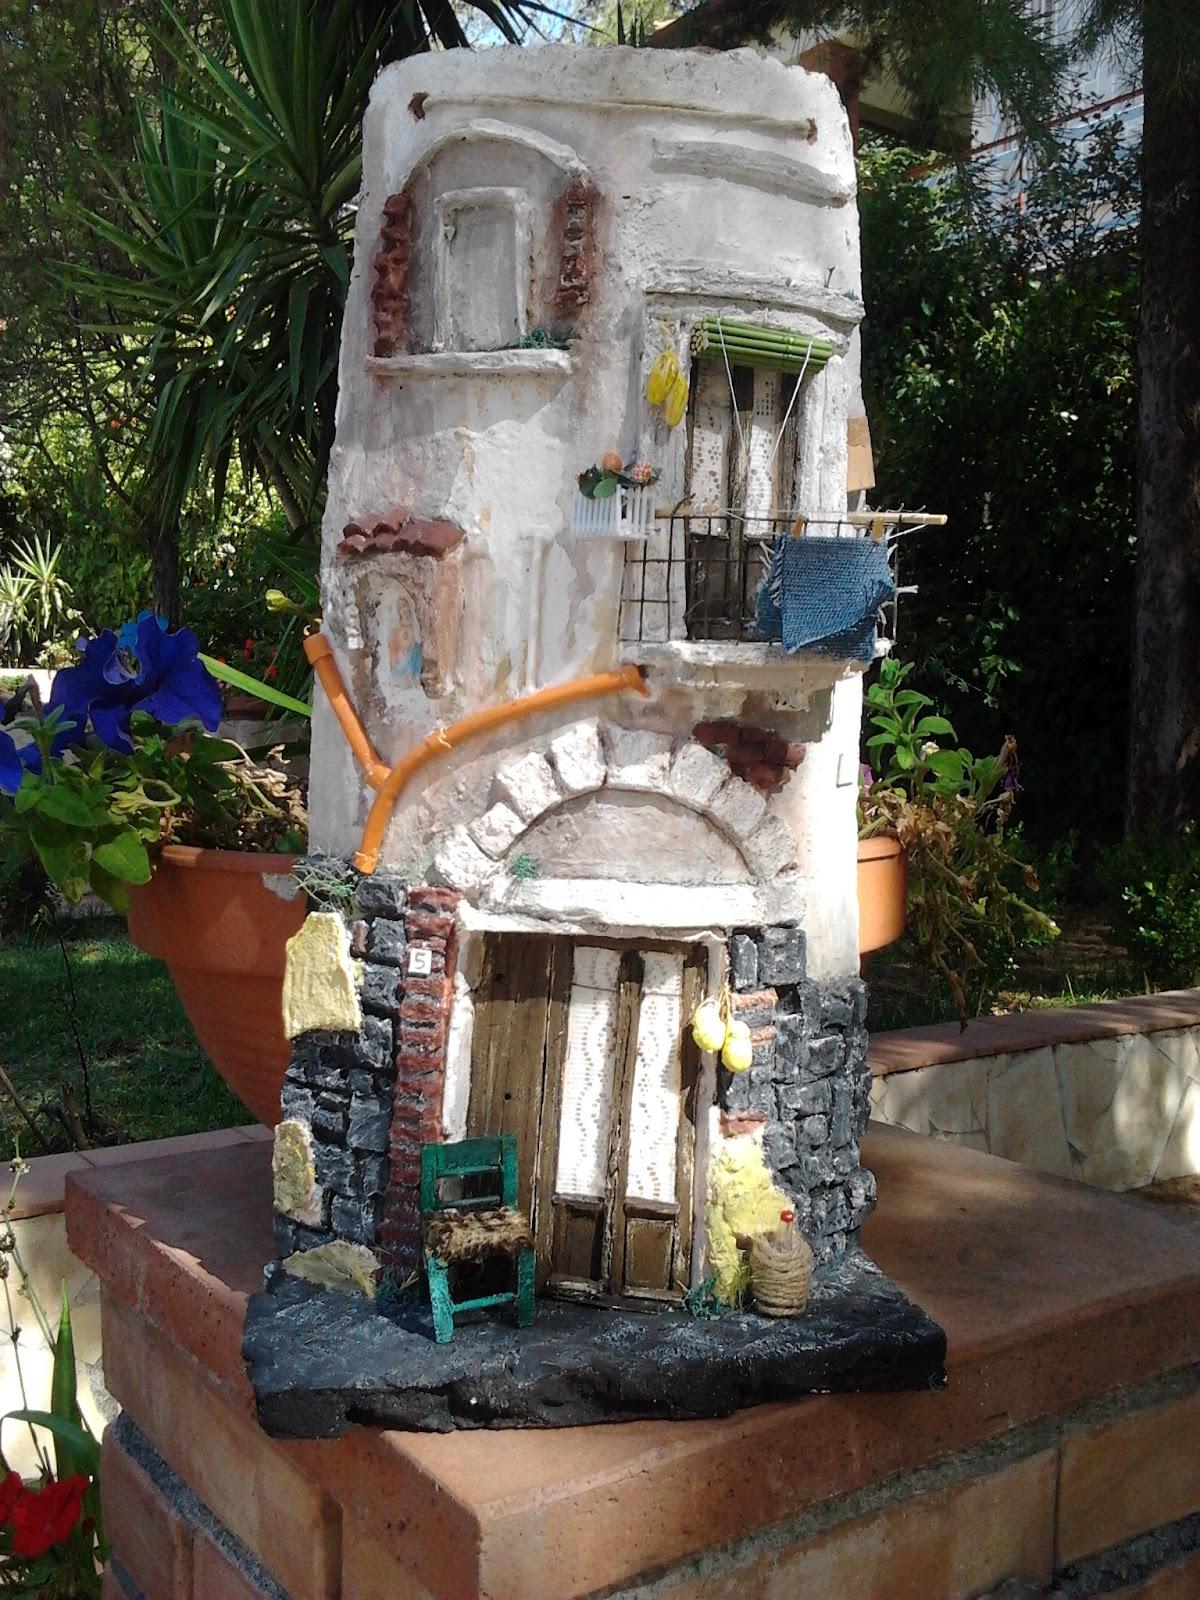 Settembre 2012 il mondo delle tegole - Tegole decorate in rilievo ...